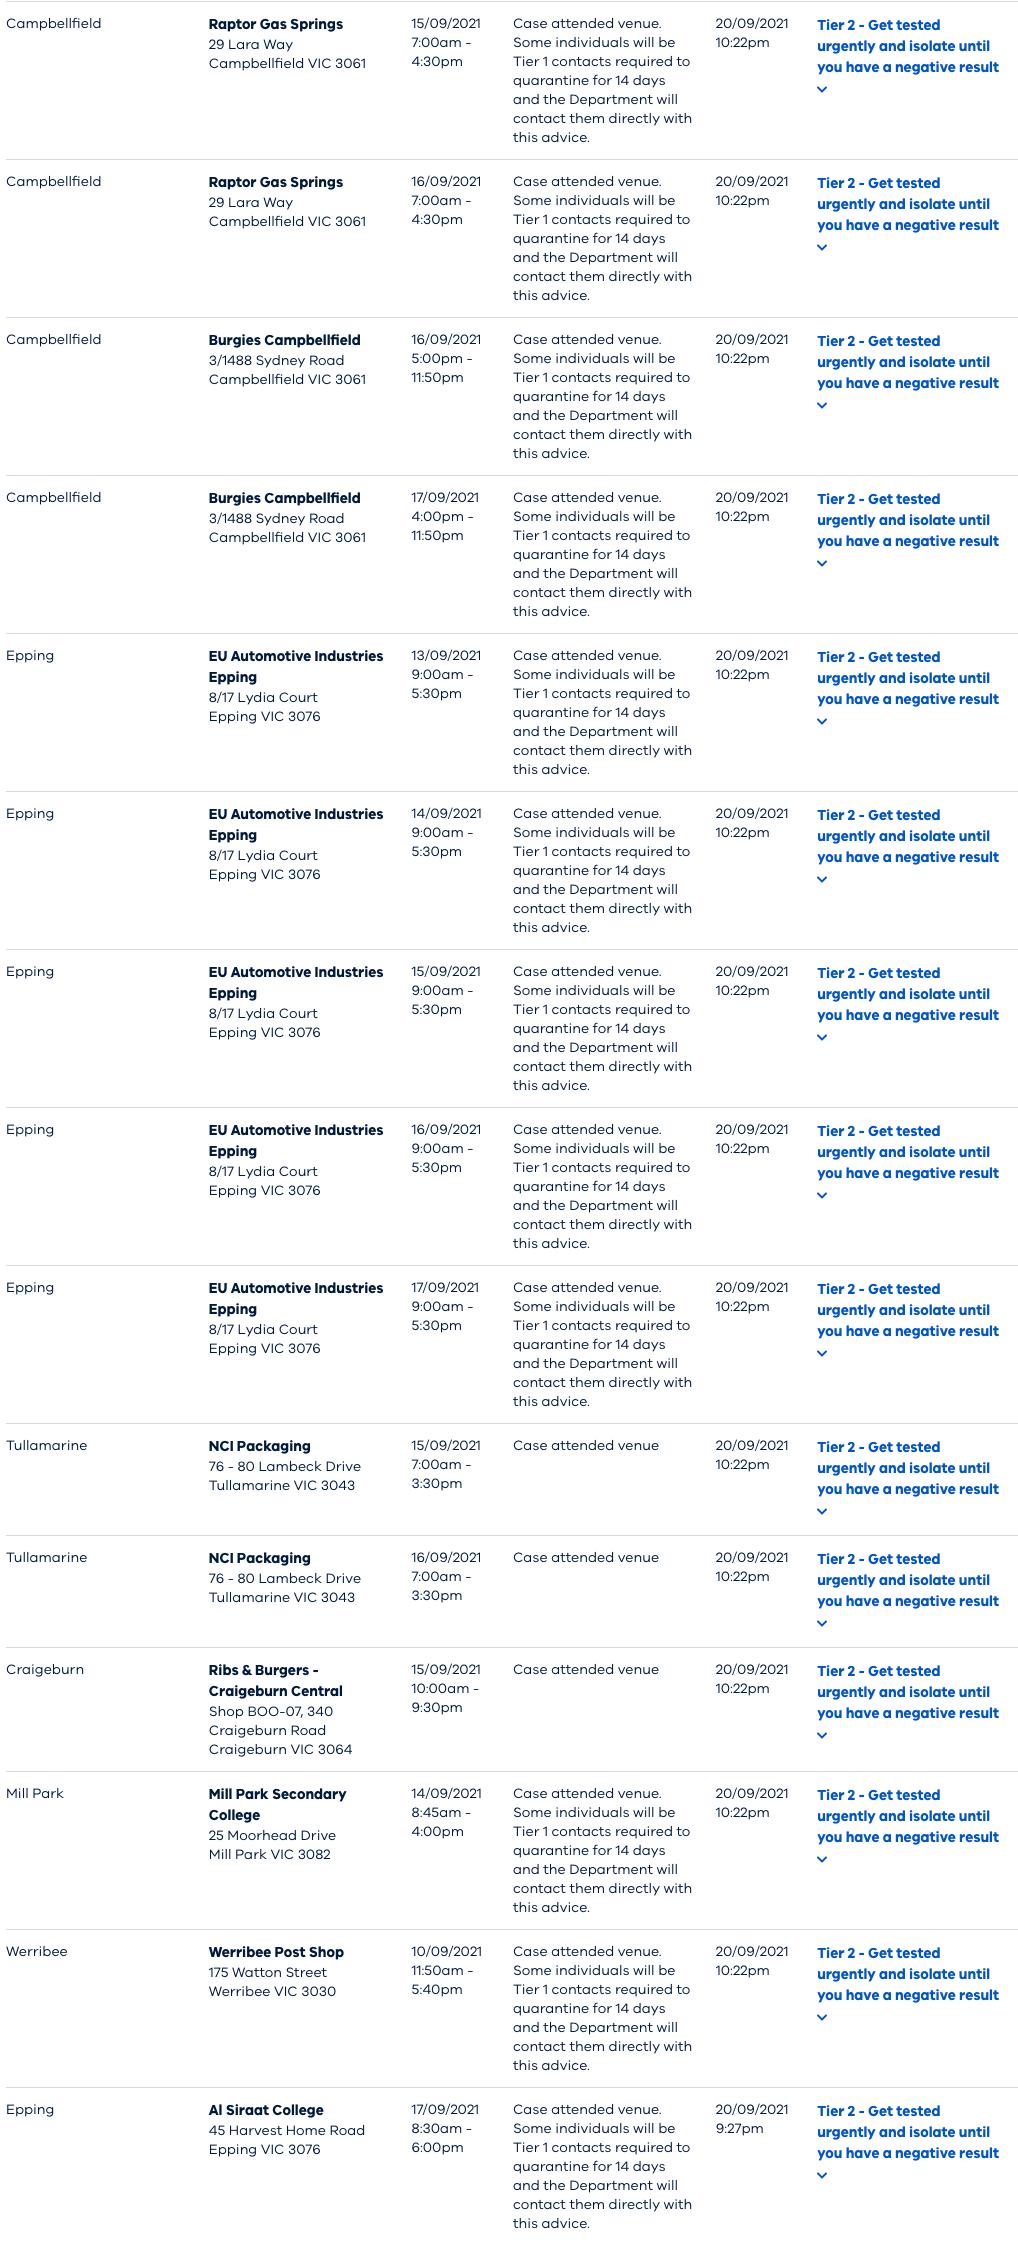 www.coronavirus.vic.gov.au_case-alerts-public-exposure-sites (7)的副本.png